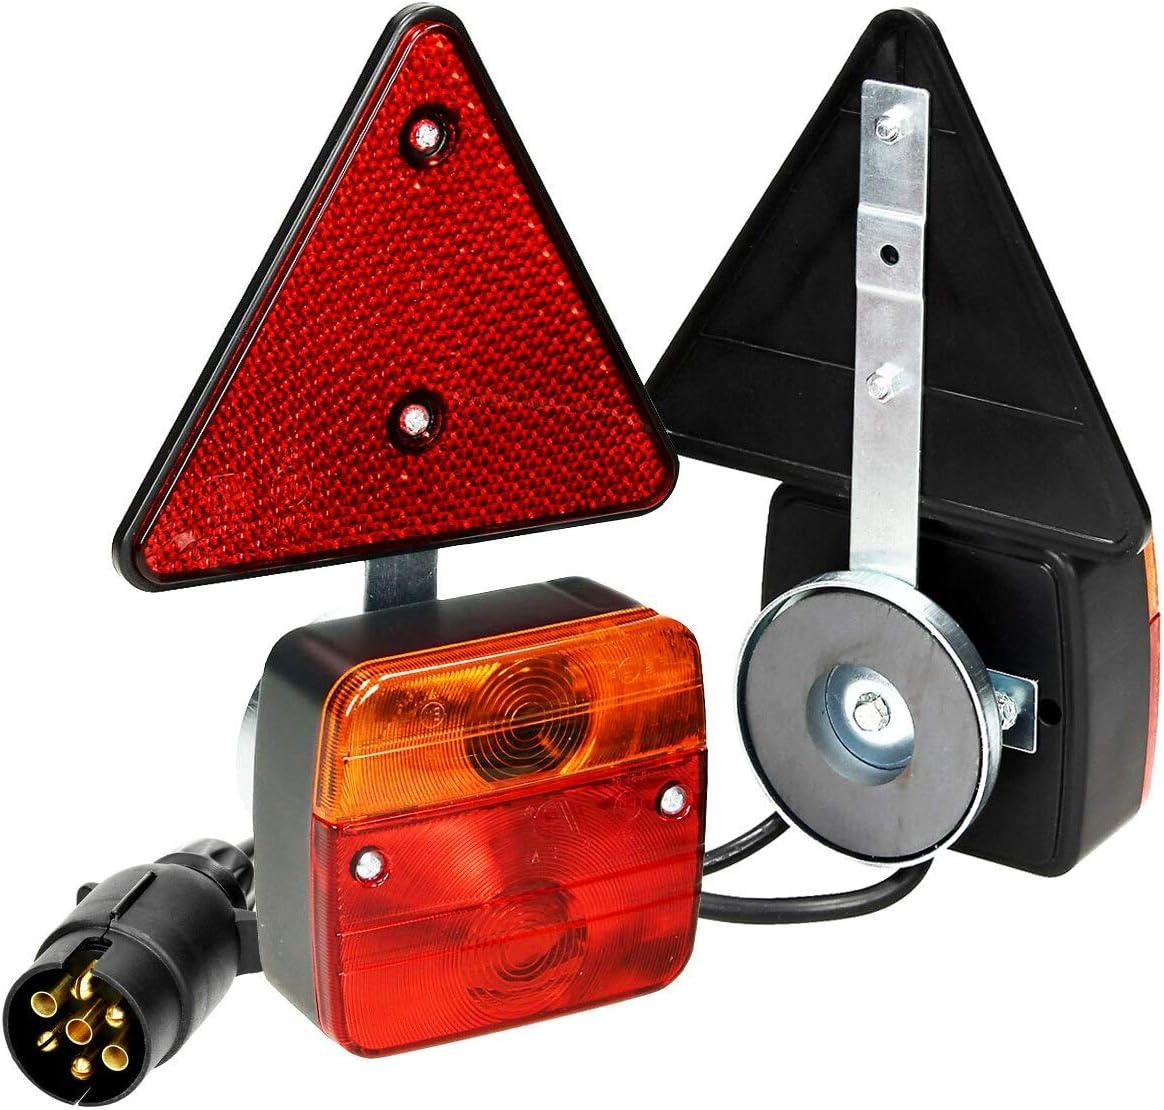 12 V Rückleuchten Set 7 Polig Magnetisch Anhänger Beleuchtung Bleuchtungssatz Auto